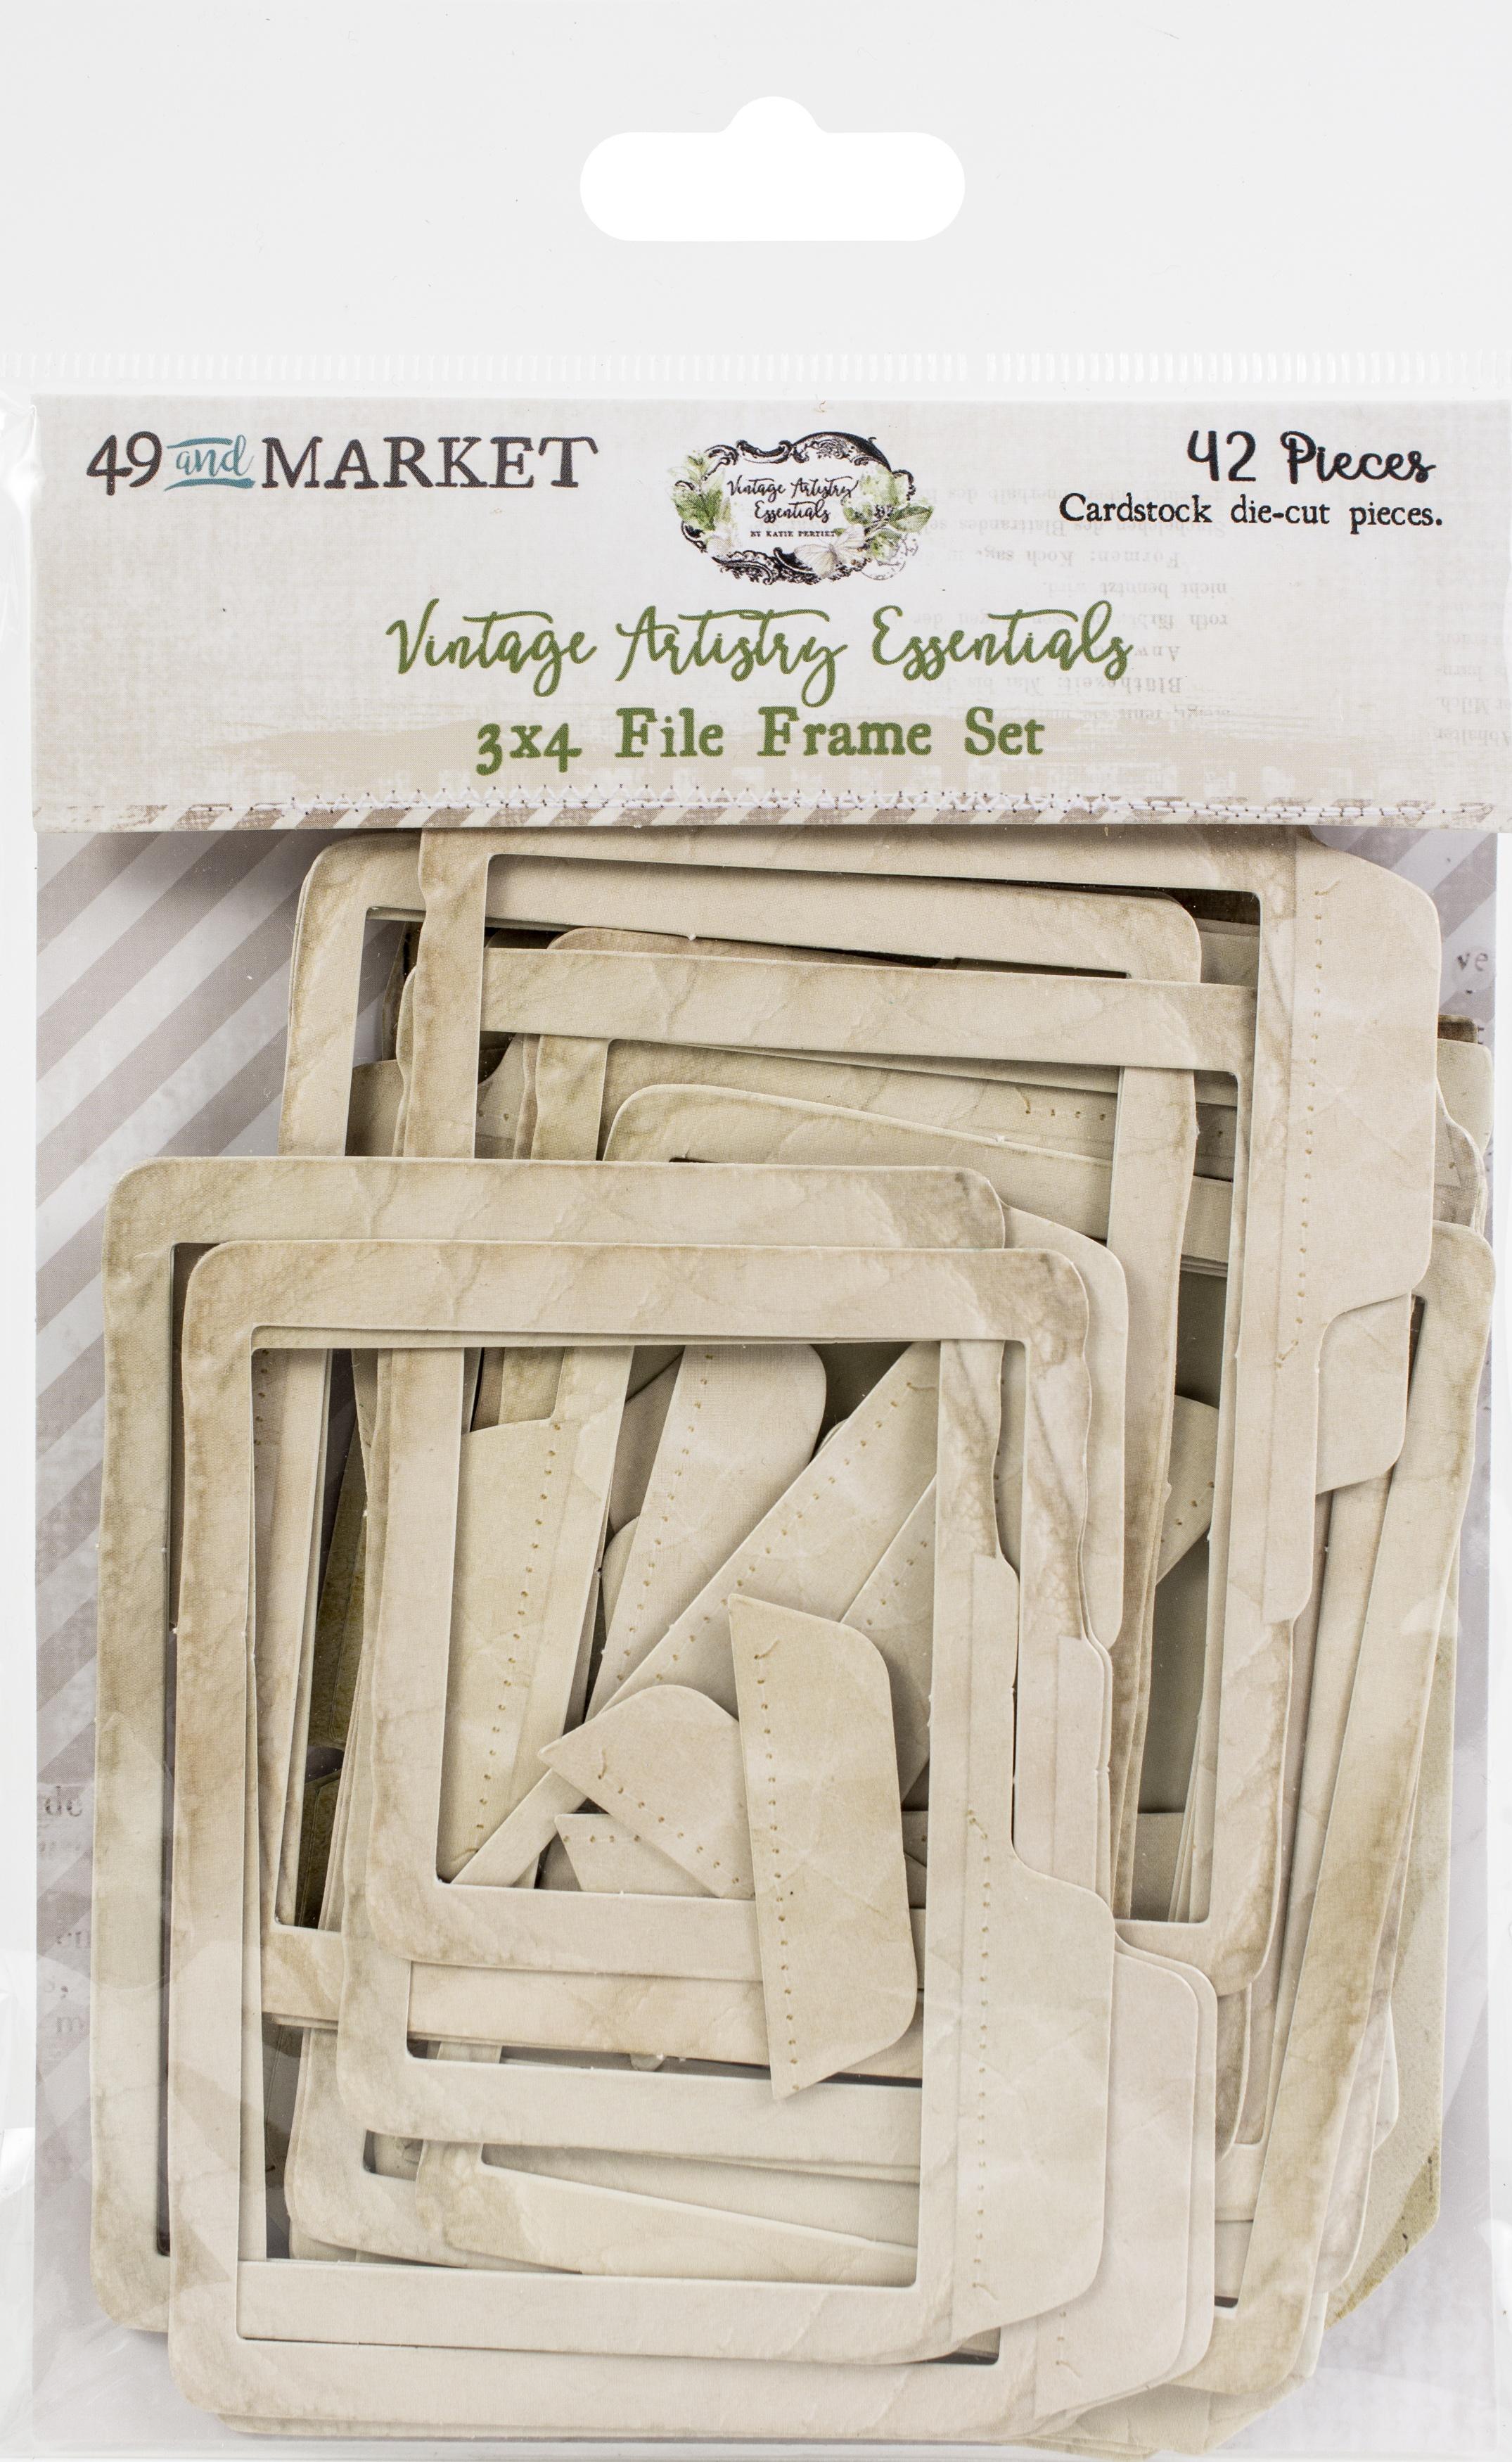 49 and Market - Vintage Artistry Essentials - 3x4 File Frame Set